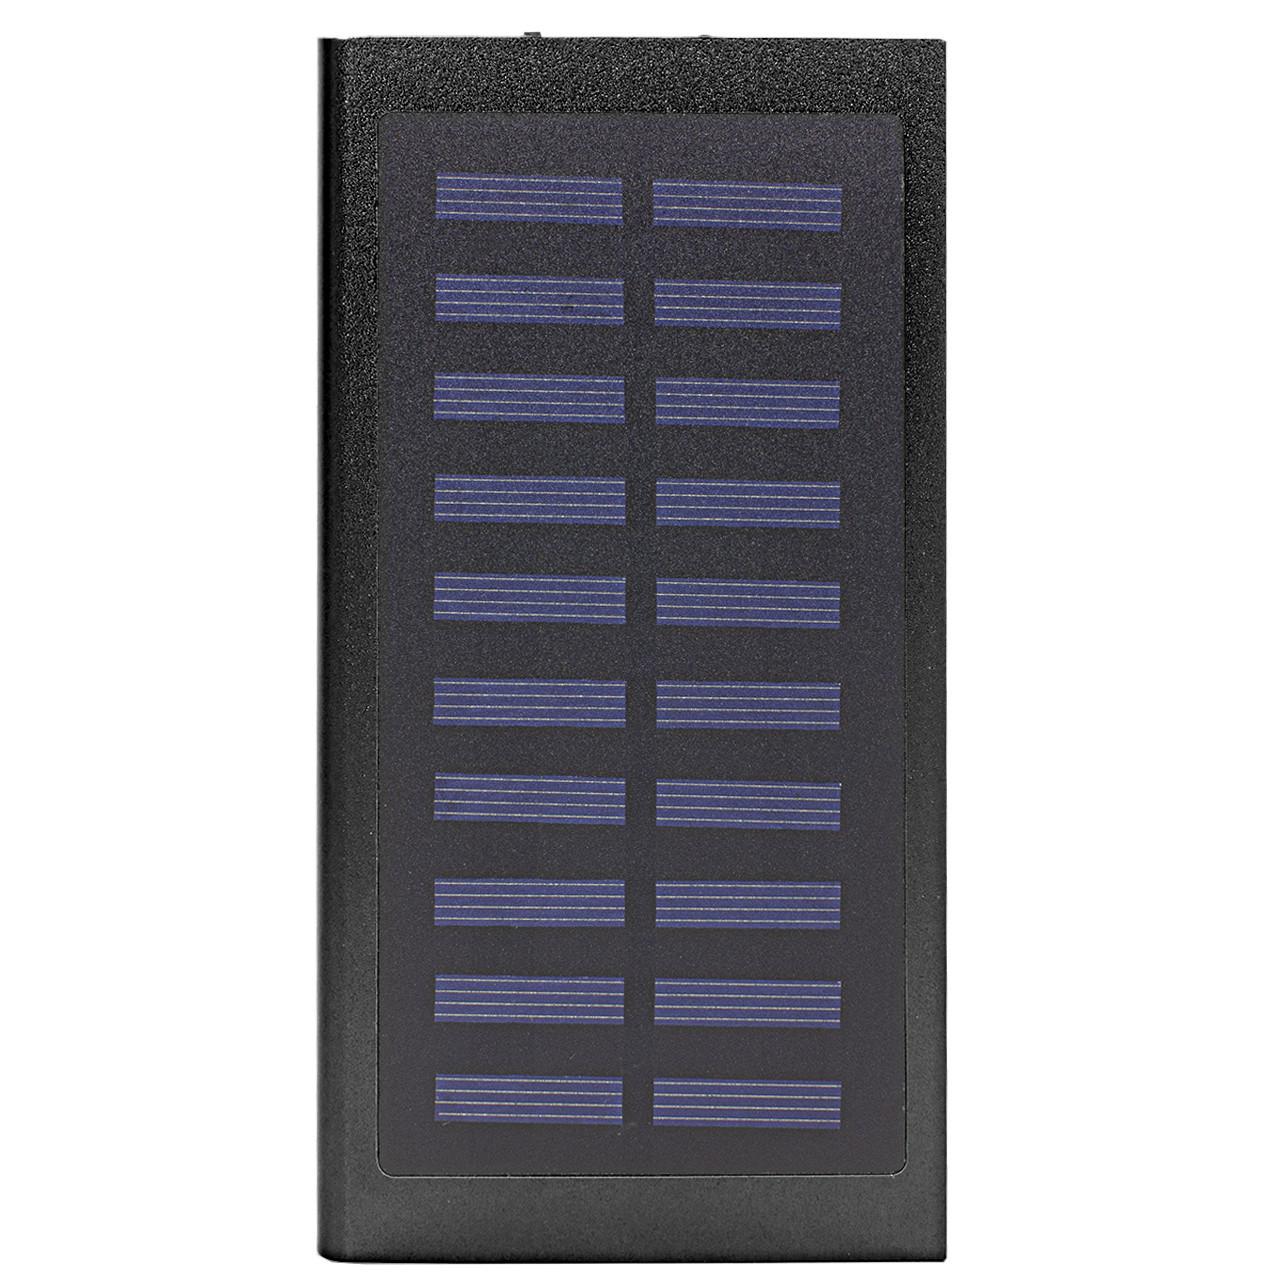 Power bank c солнечной панелью для зарядки Cube 20000 mAh Black (258-10648)